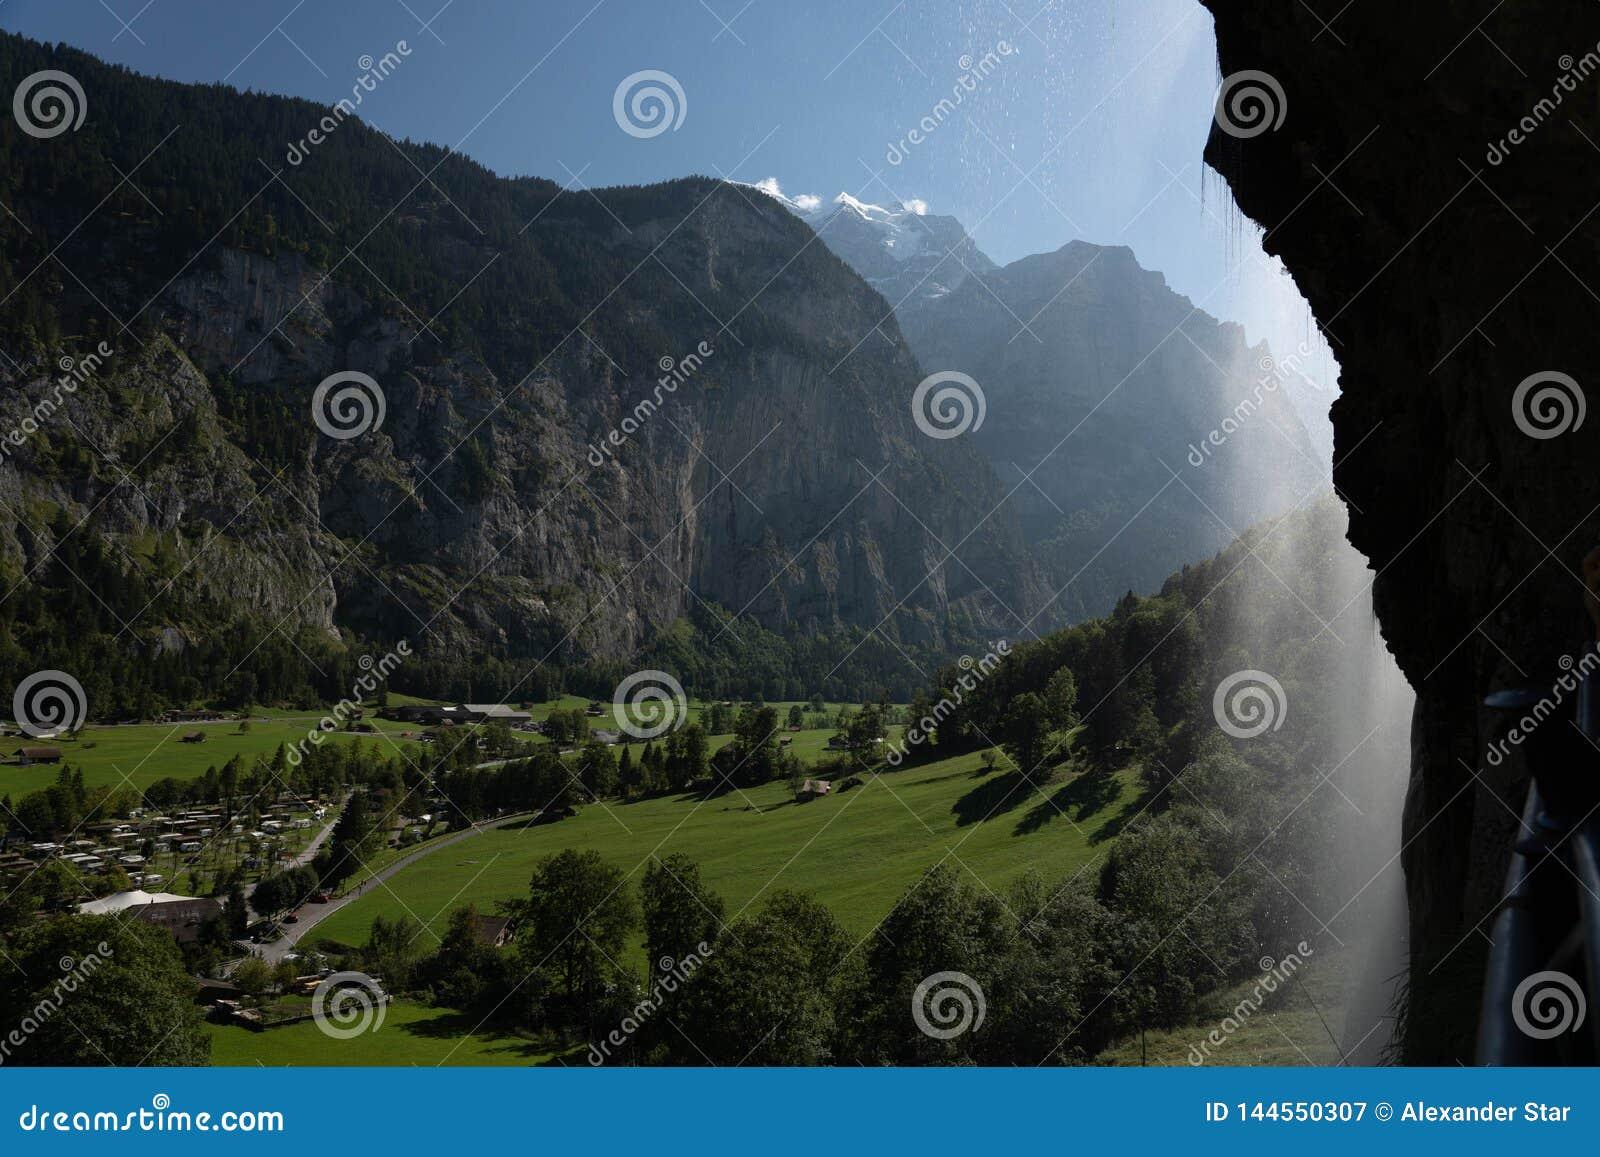 La campagna svizzera delle alpi dentro lauterbrunnen la valle